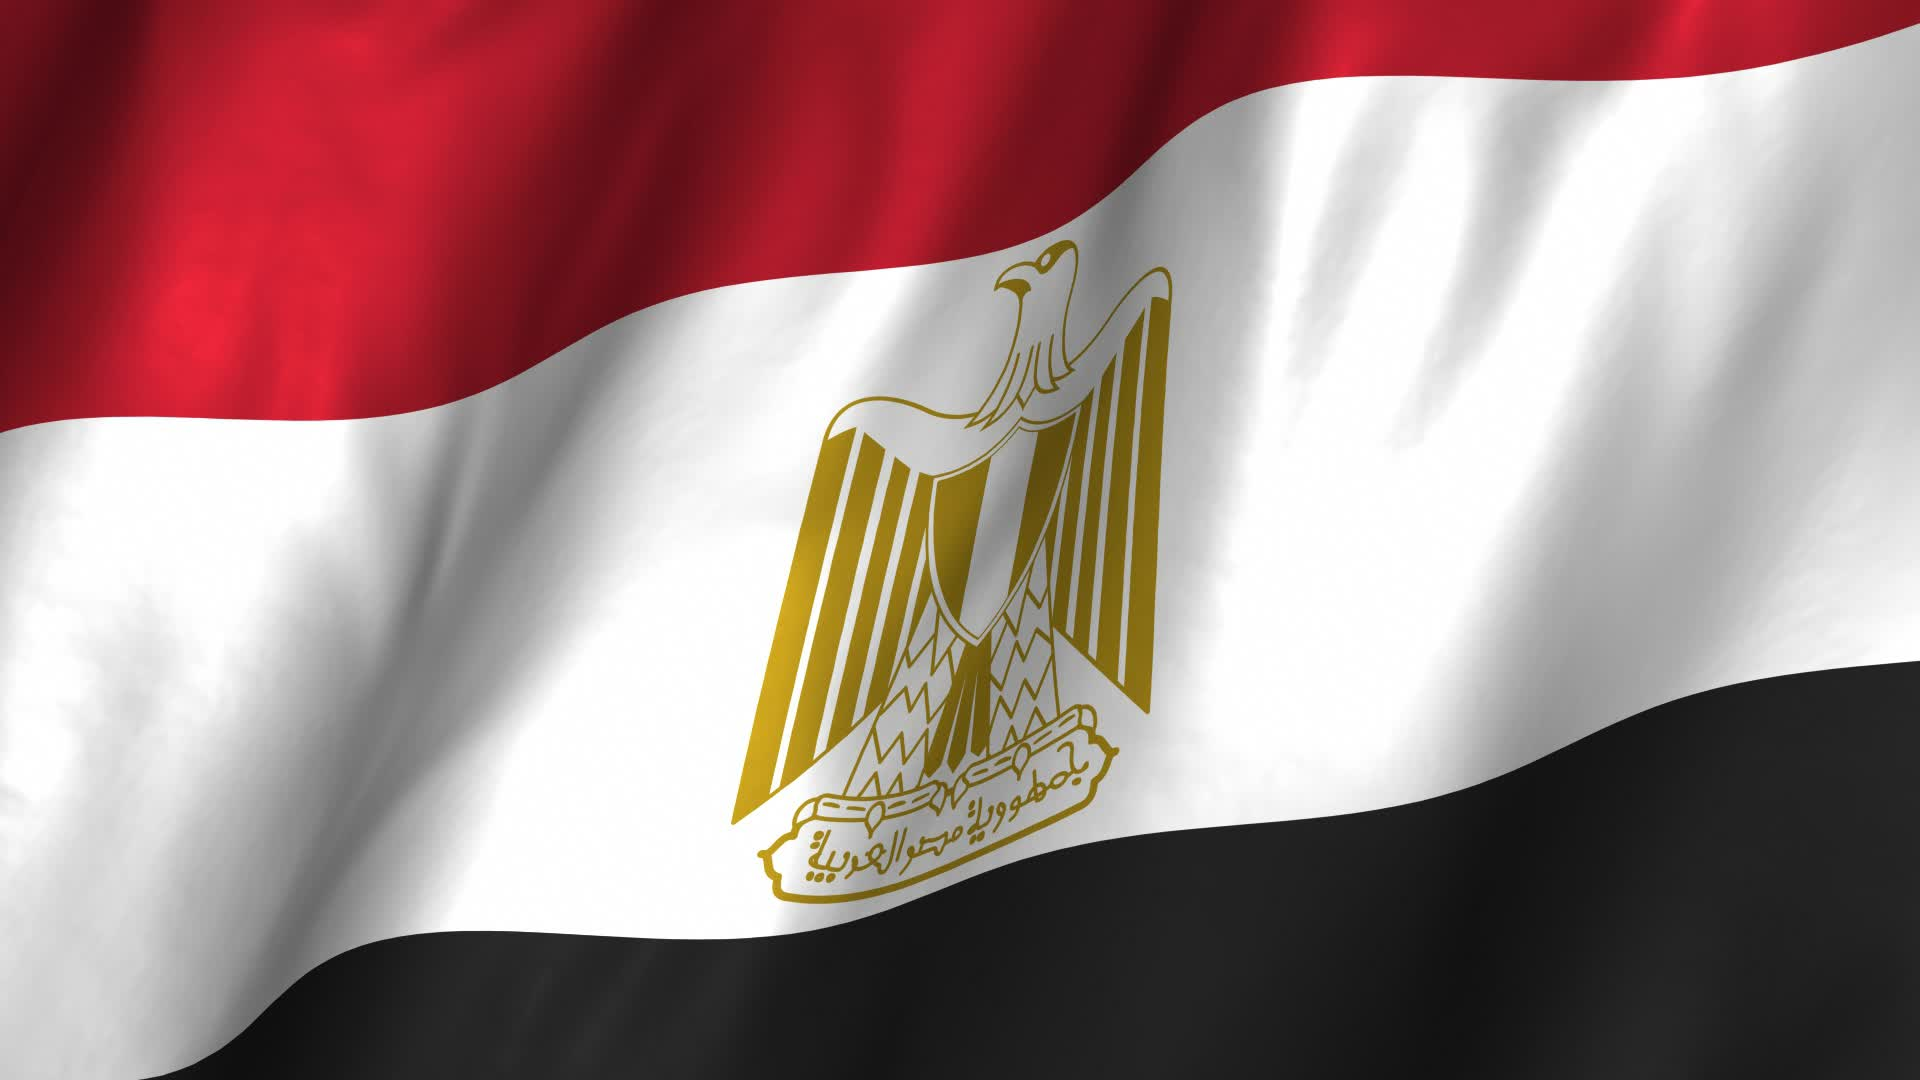 صورة صور علم مصر , اجمل بلد بلدي